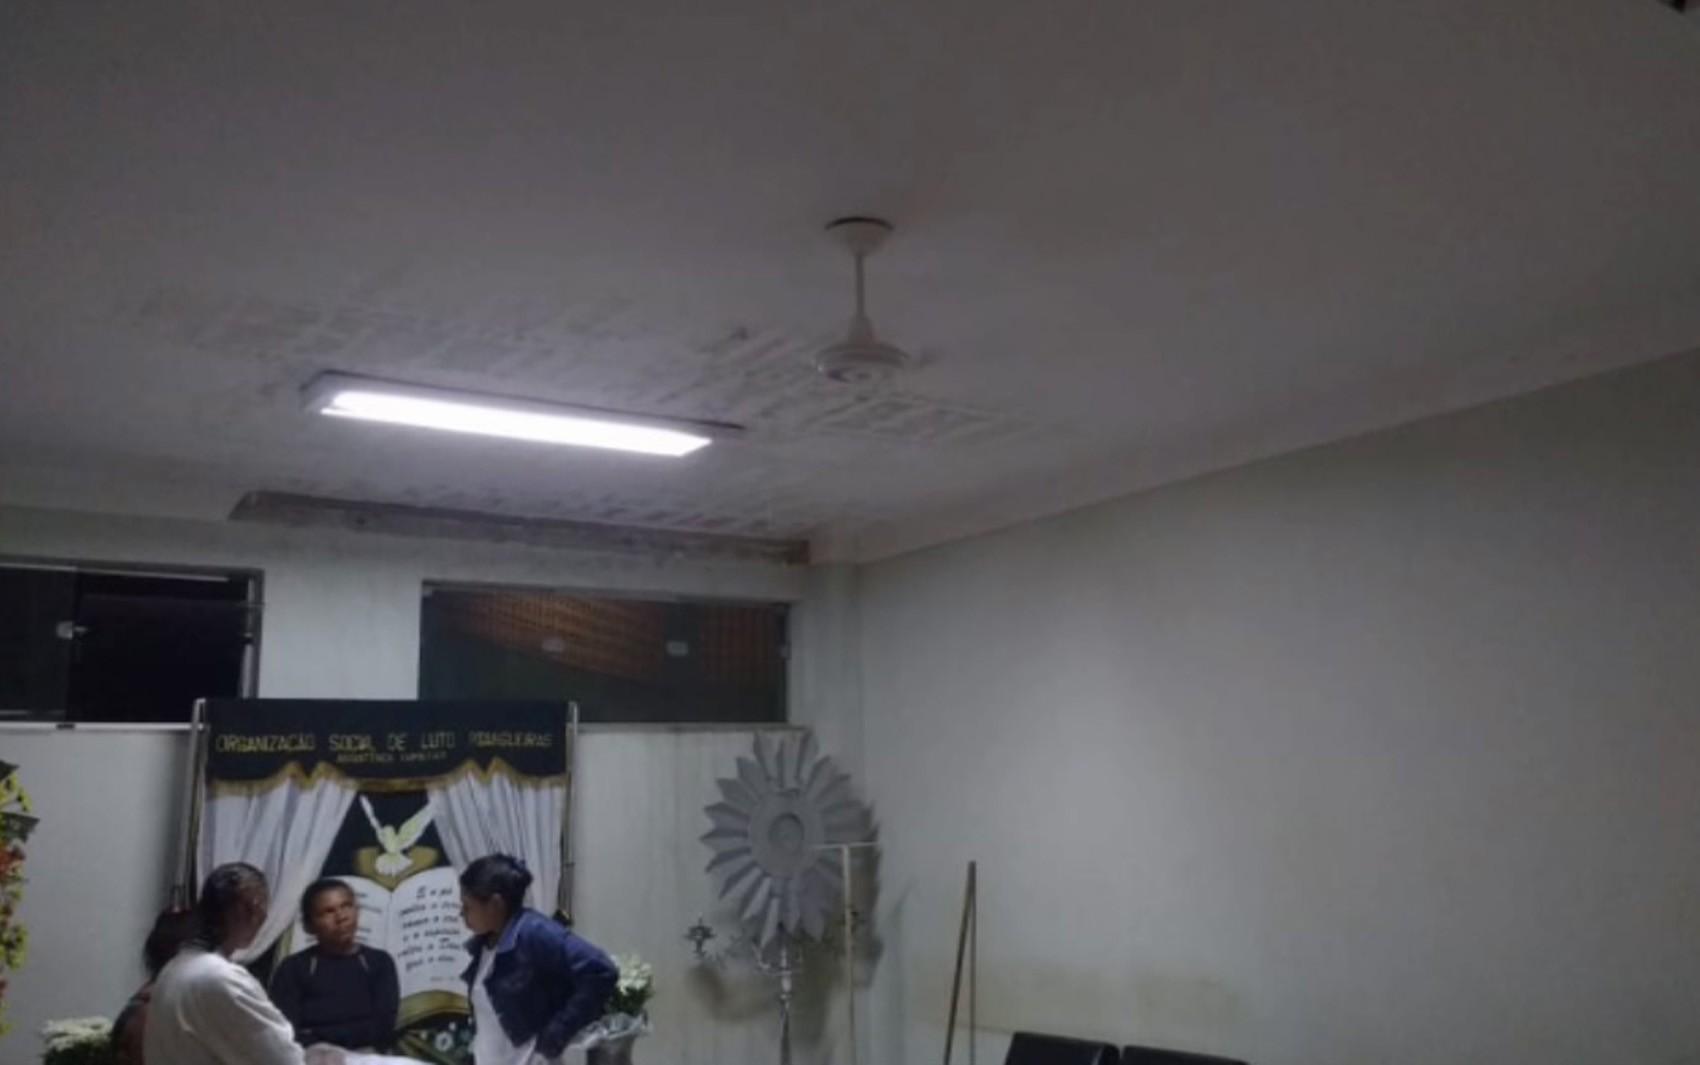 Goteiras em cima de caixão e velório alagado revoltam família de mulher em Pitangueiras, SP - Noticias